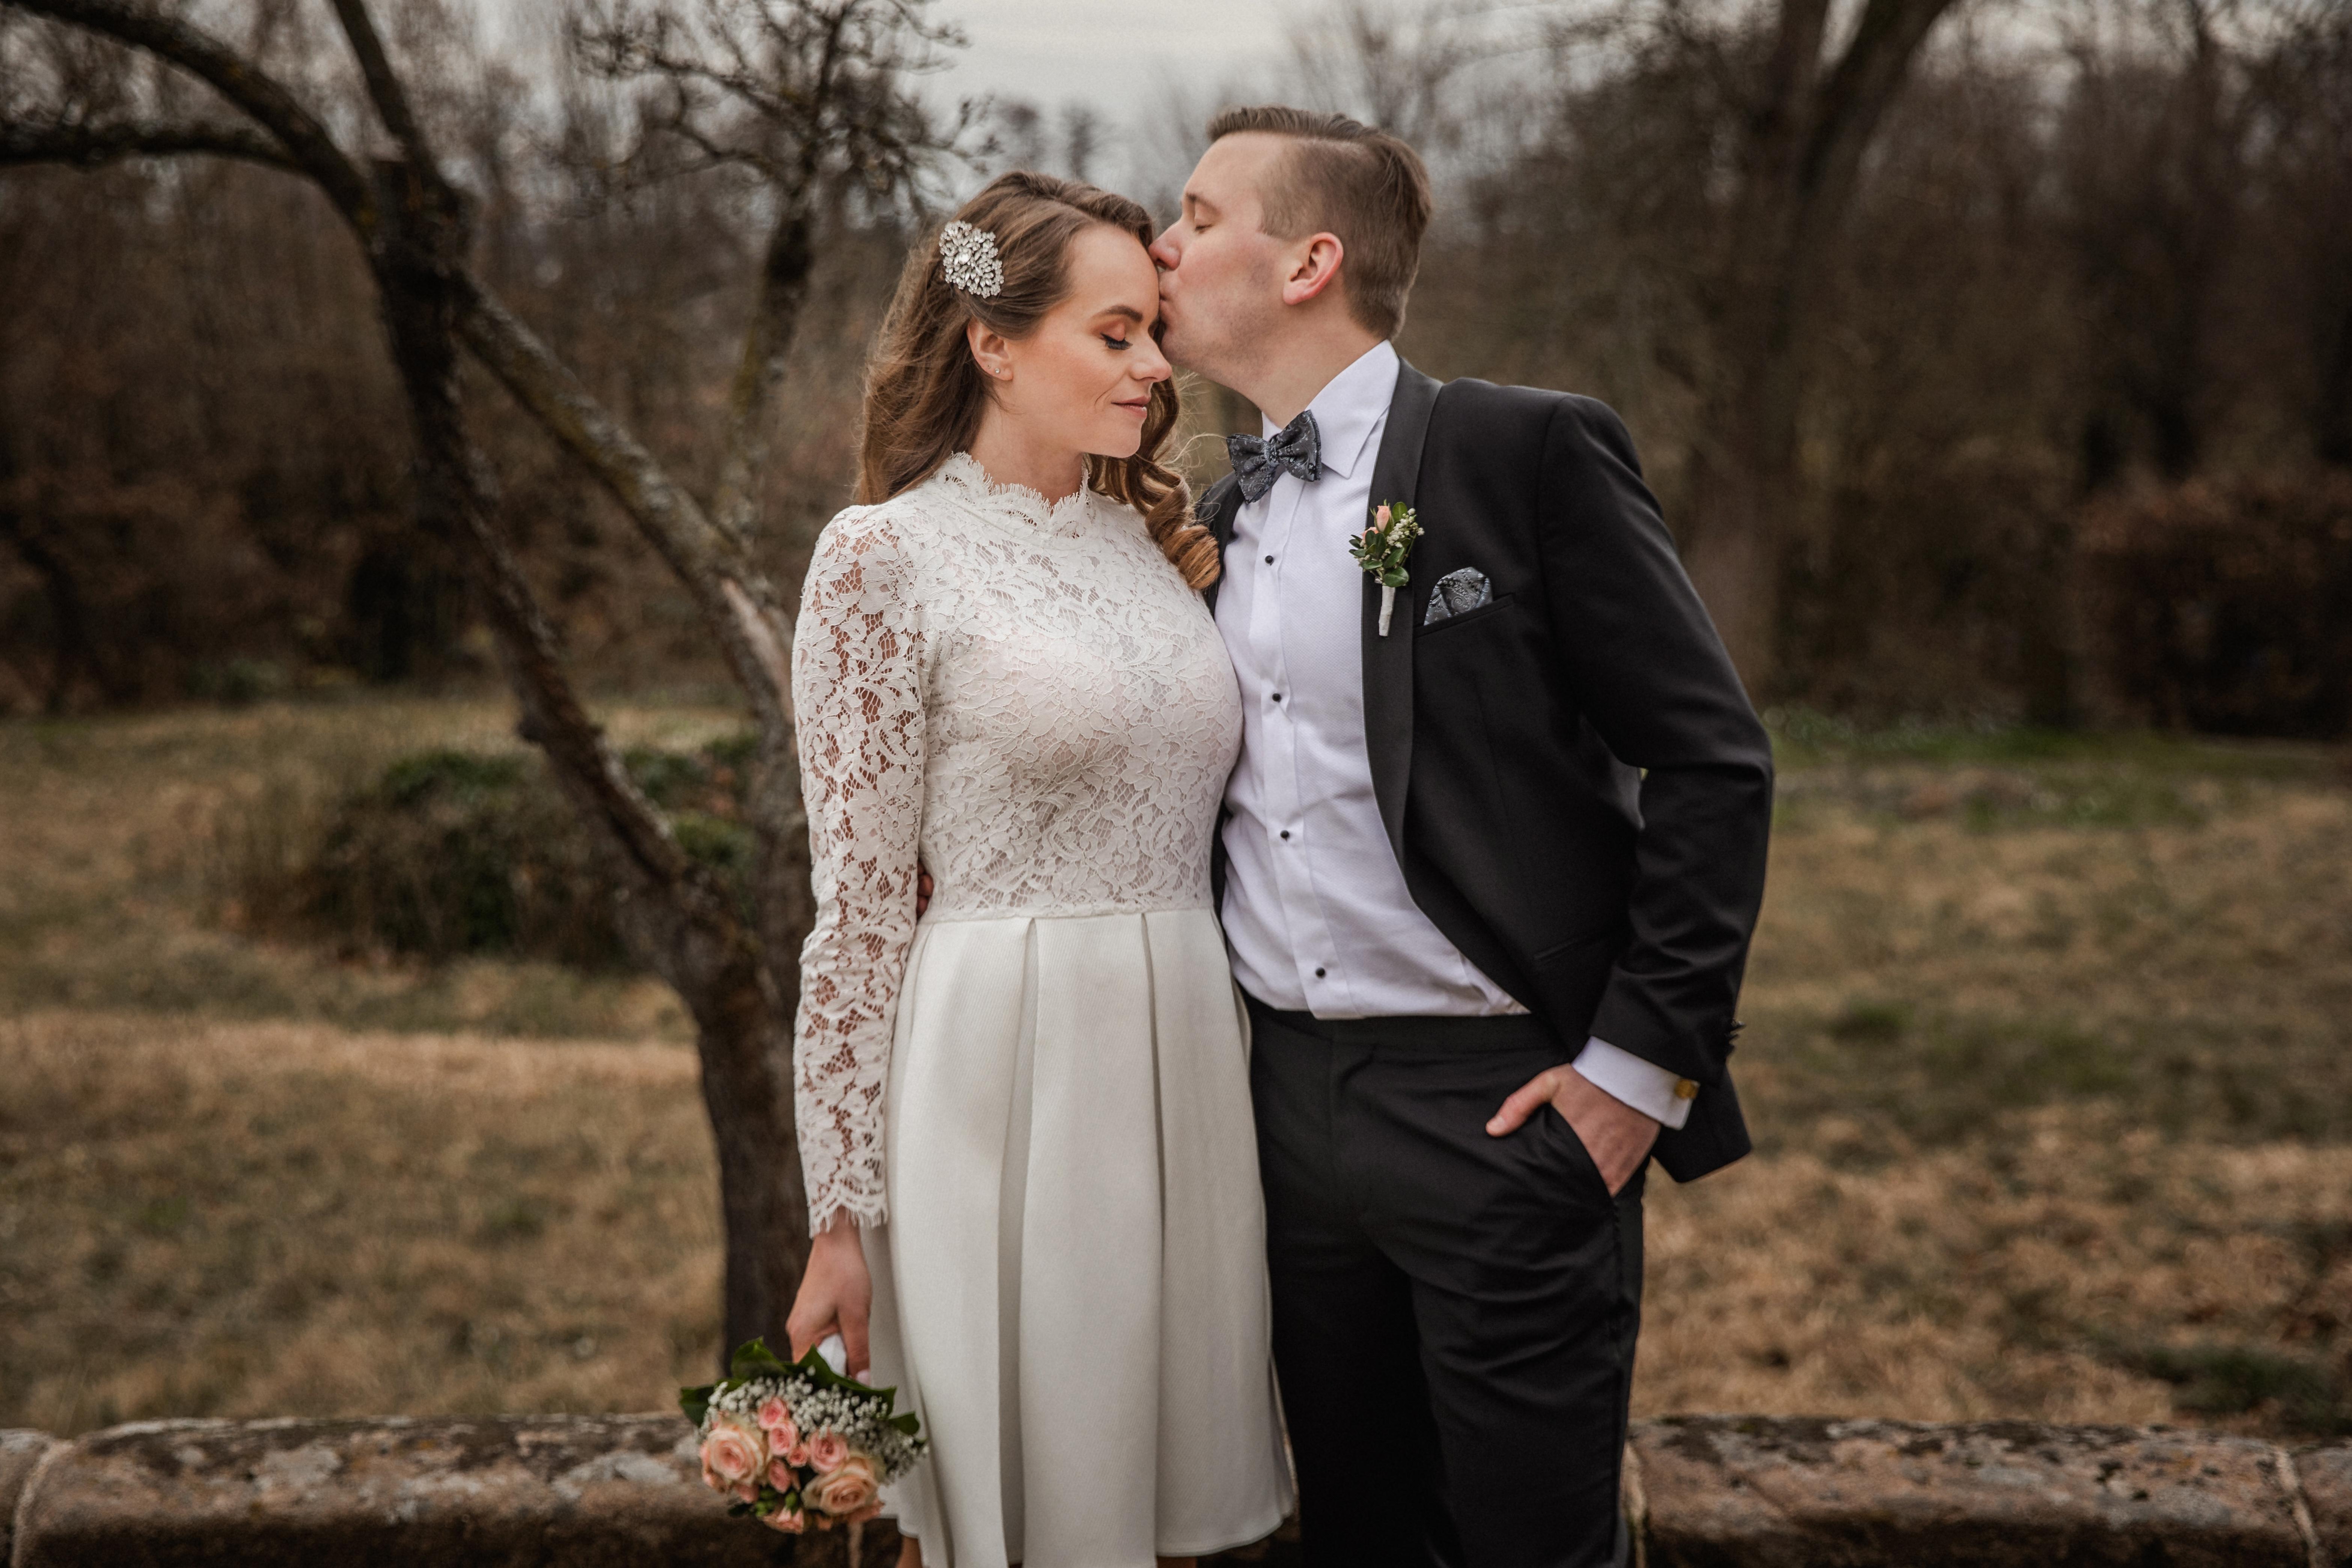 Hochzeitsfotograf-Grossgruendlach-Standesamt-Hallerschloss-Urbanerie-Stazija-und-Michael-001